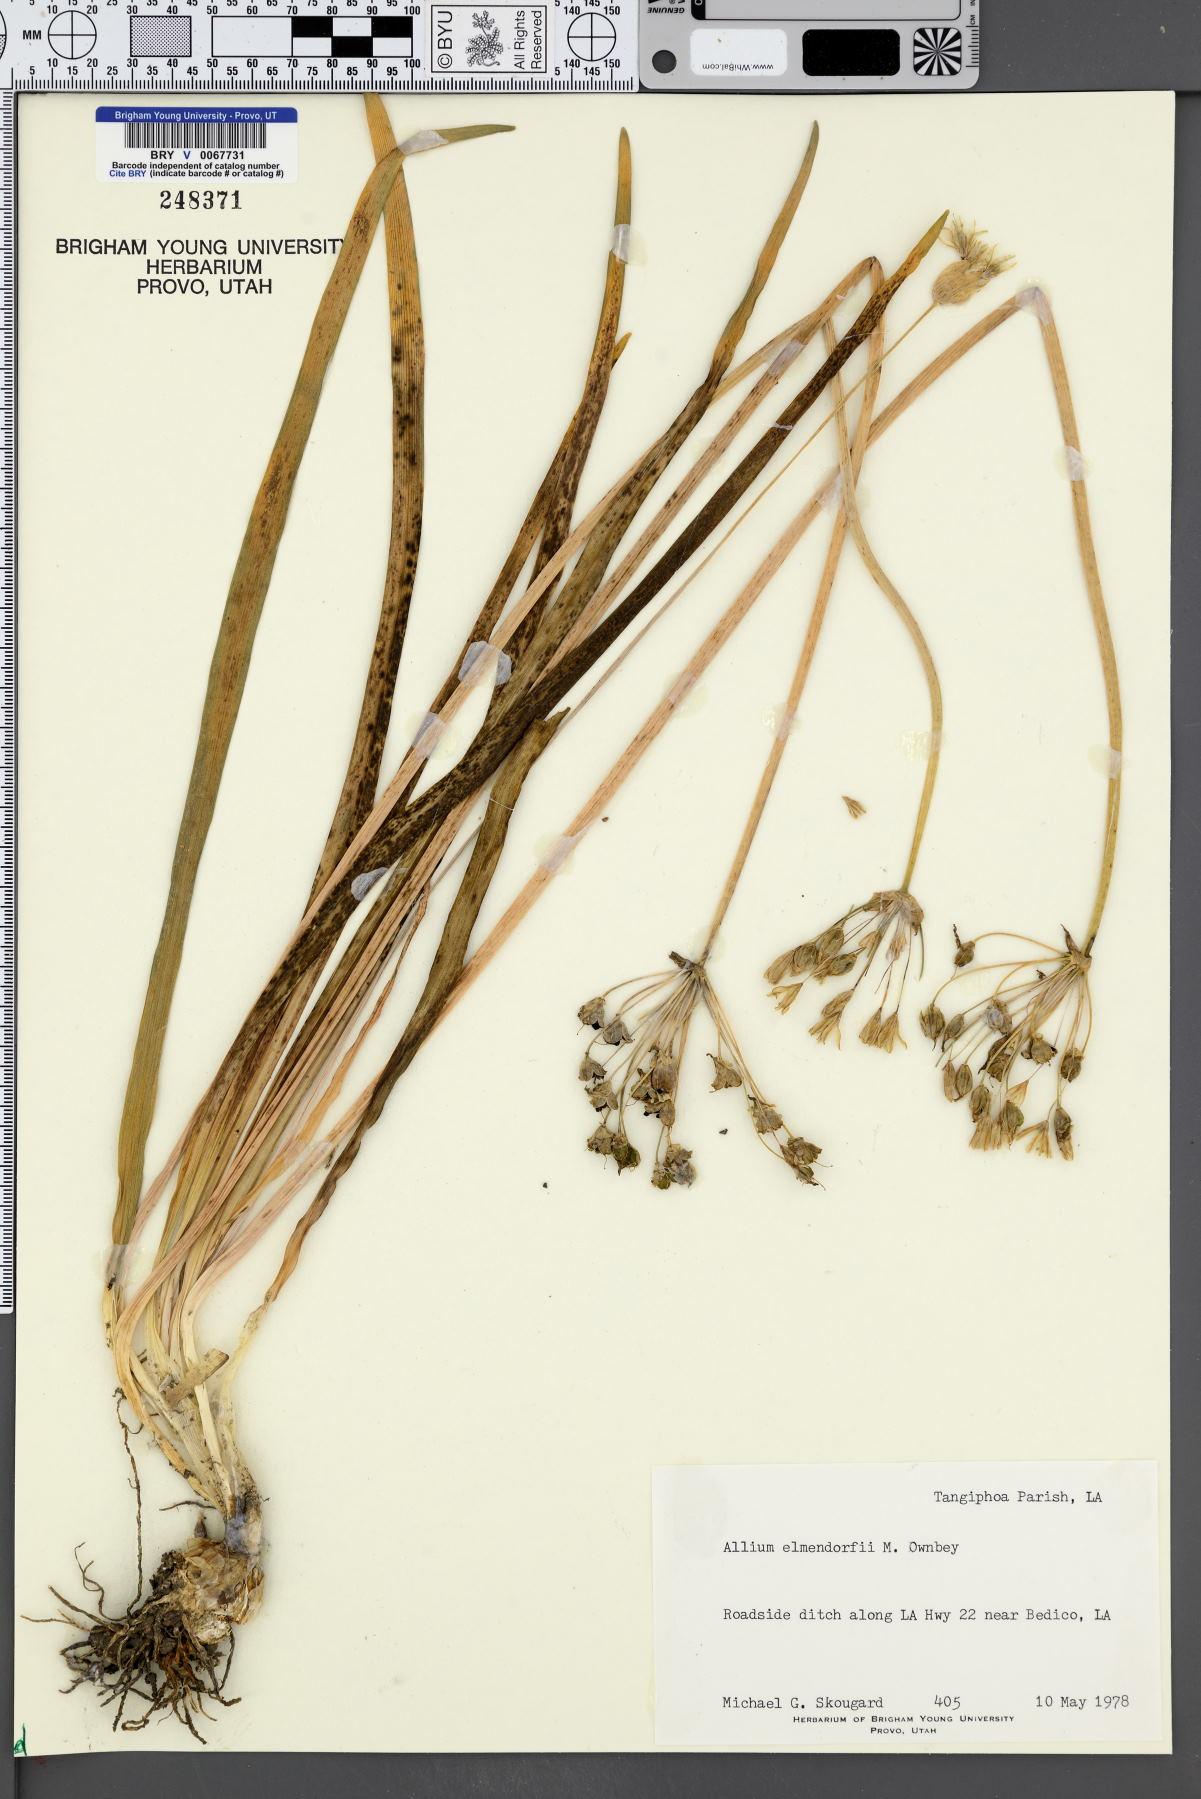 Allium elmendorfii image